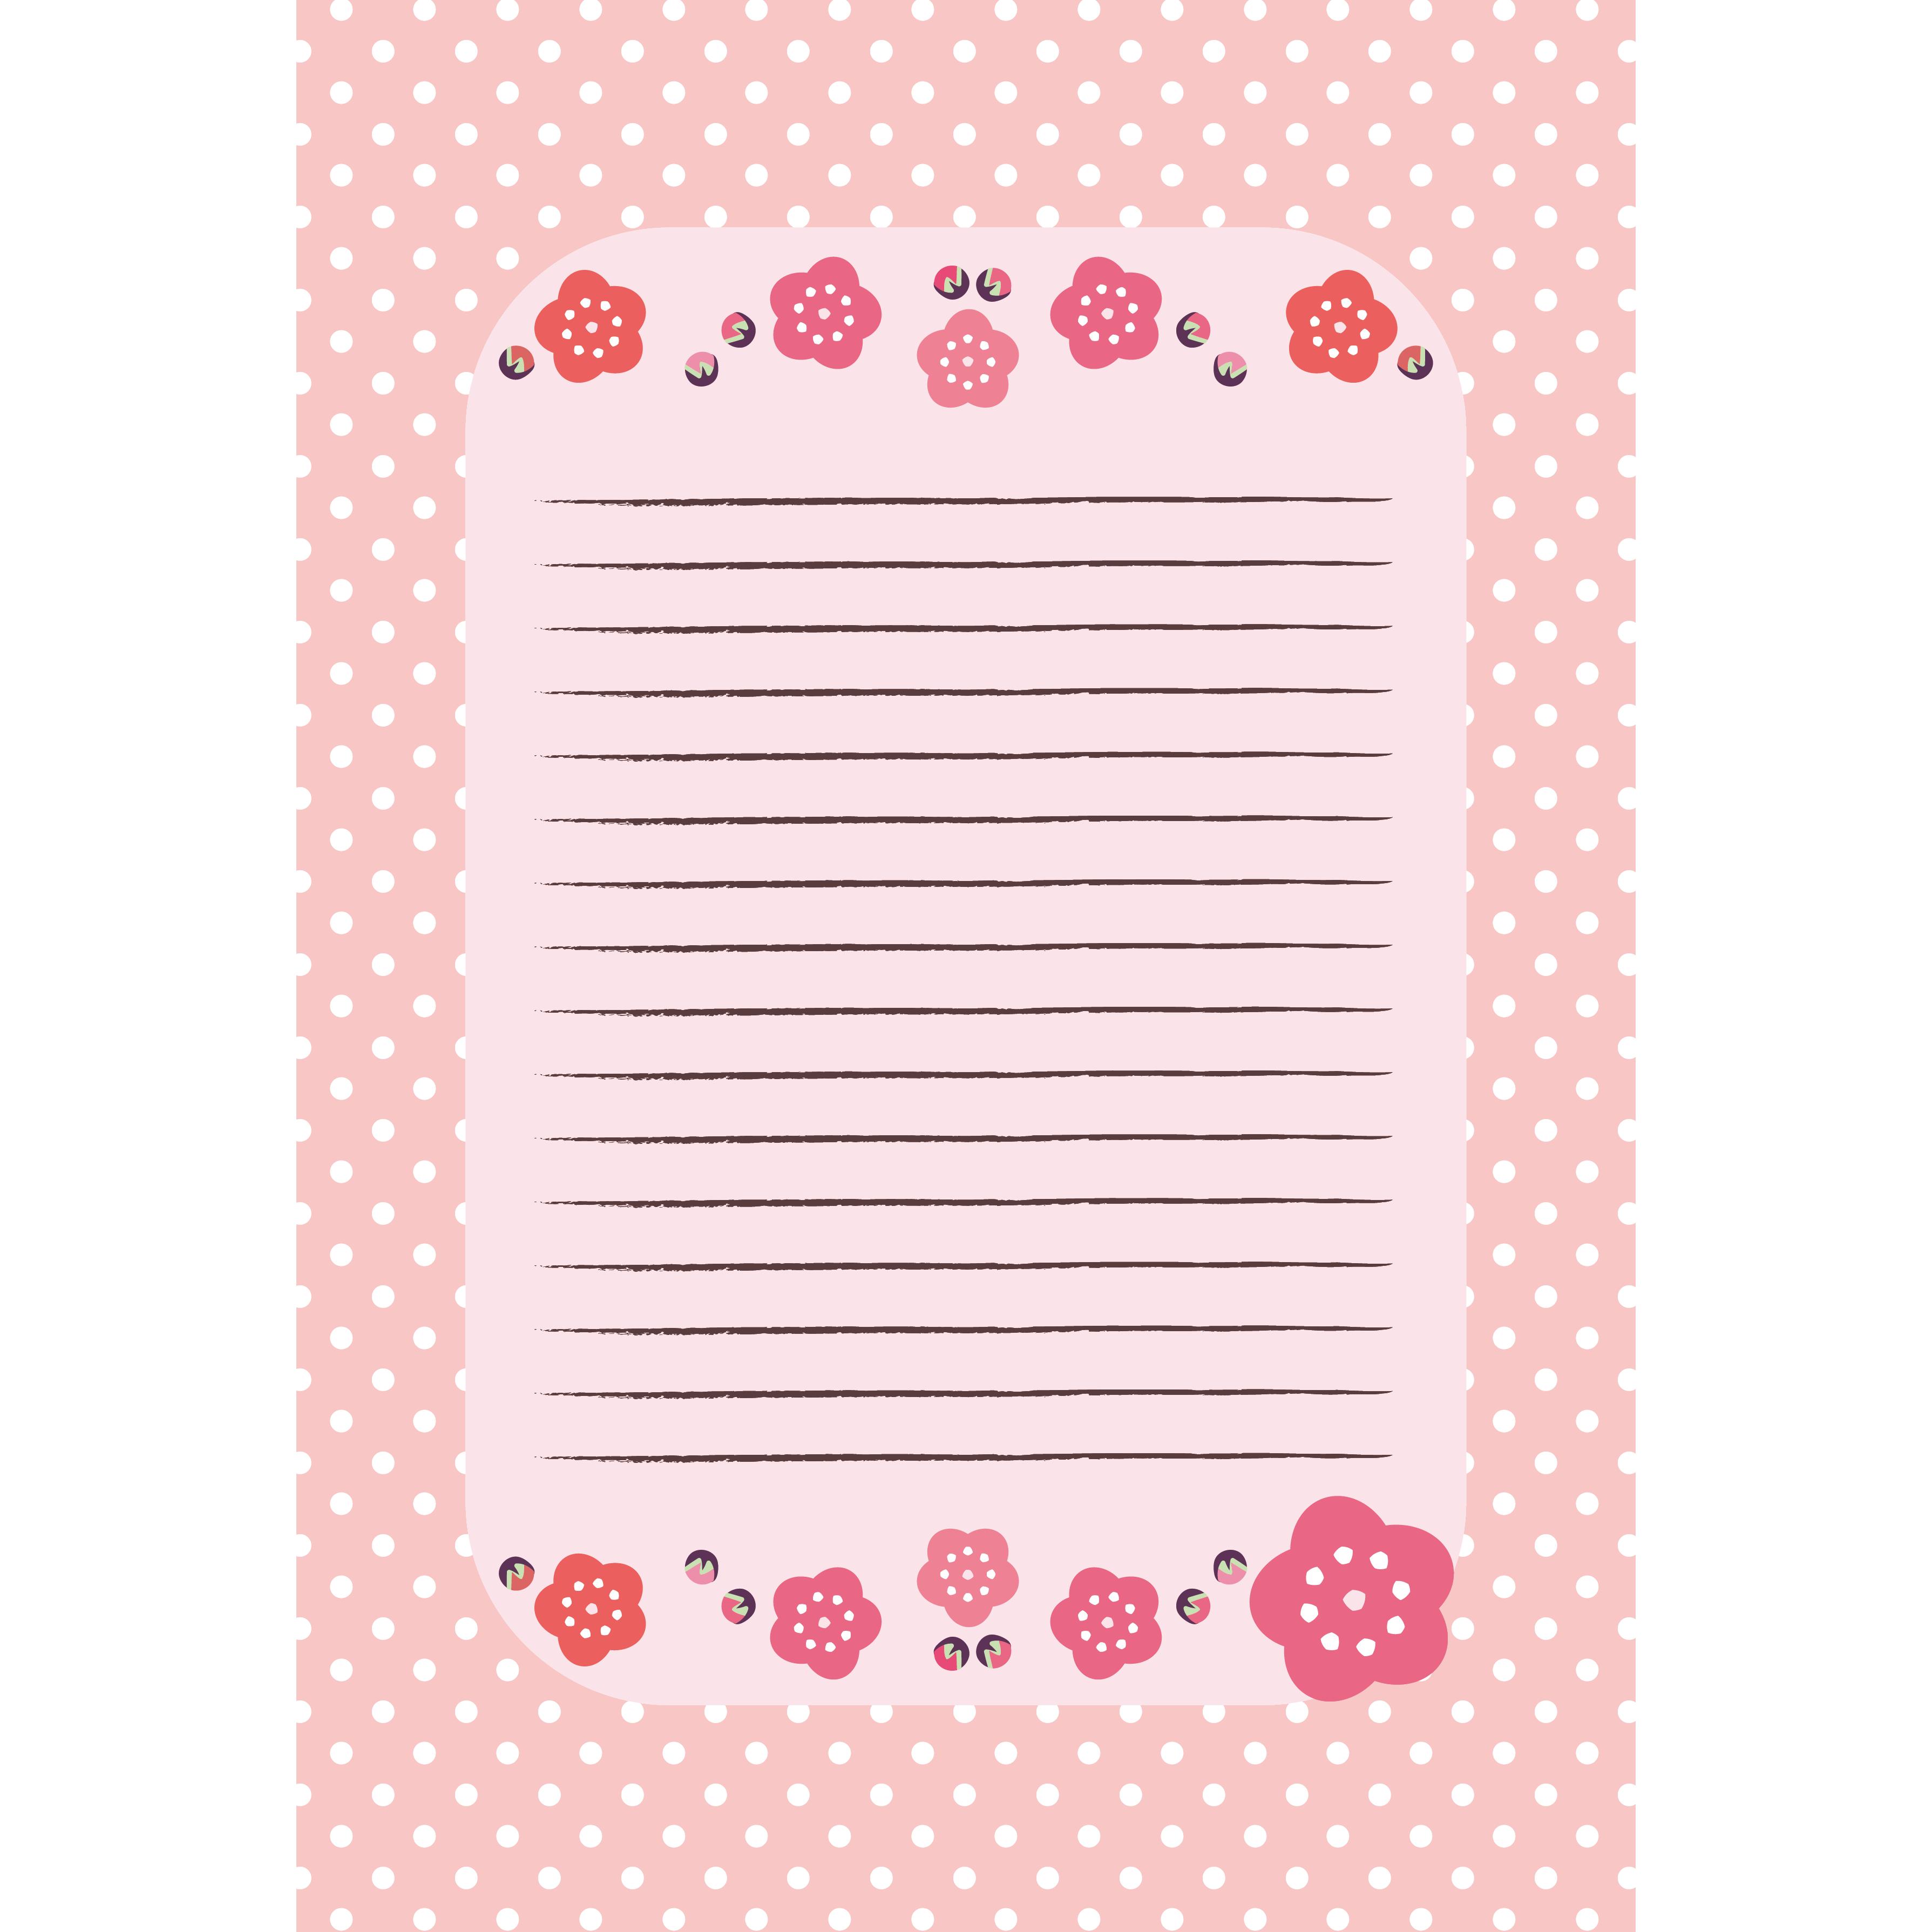 梅の かわいい便箋(レターセット) フリー イラスト